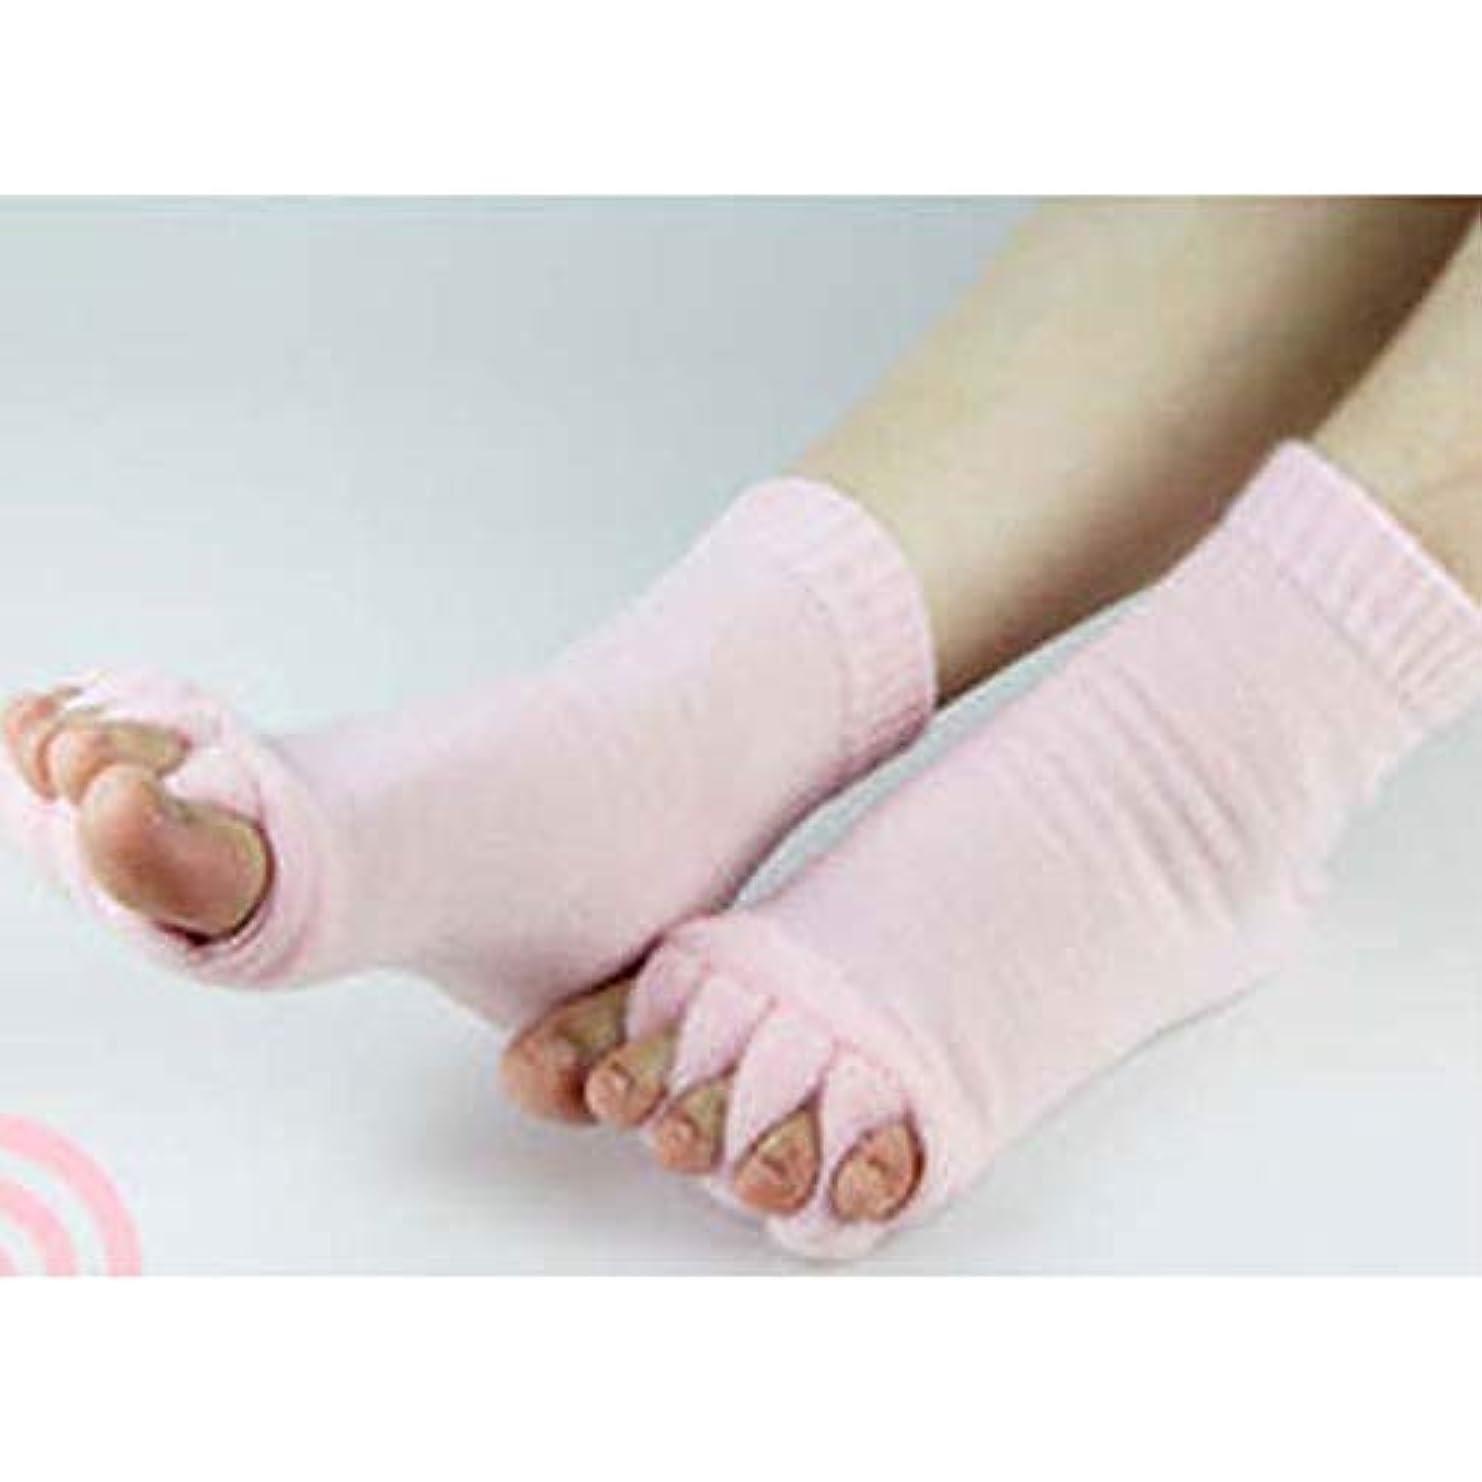 ふざけた放映重要足指スリーピングソックス 足指セラピー ピンク